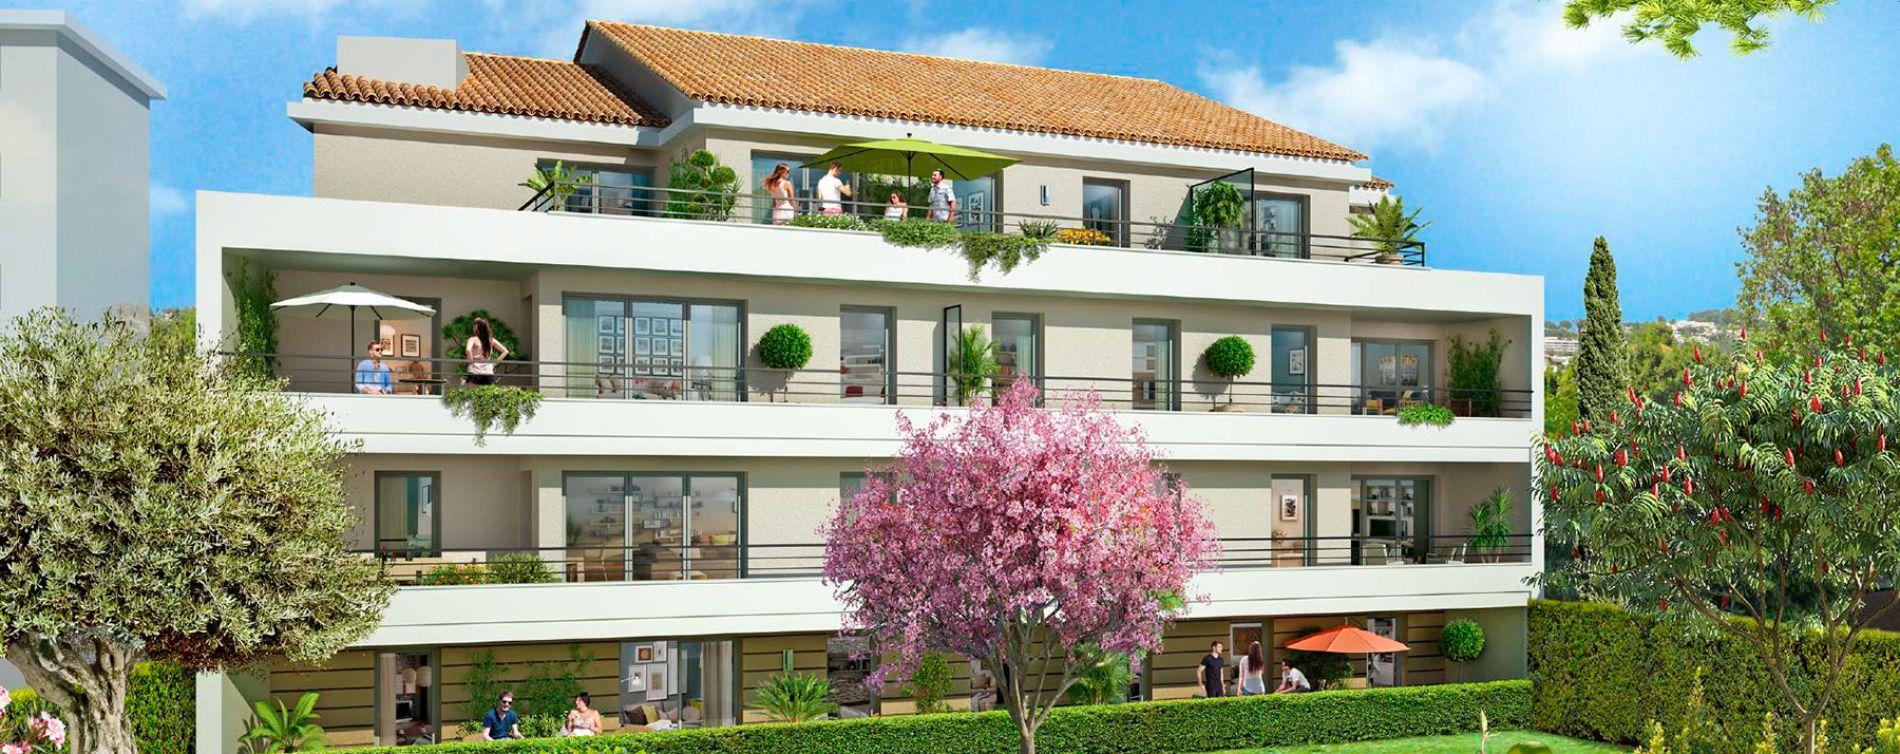 Résidence Les Jardins des Coteaux à Cannes